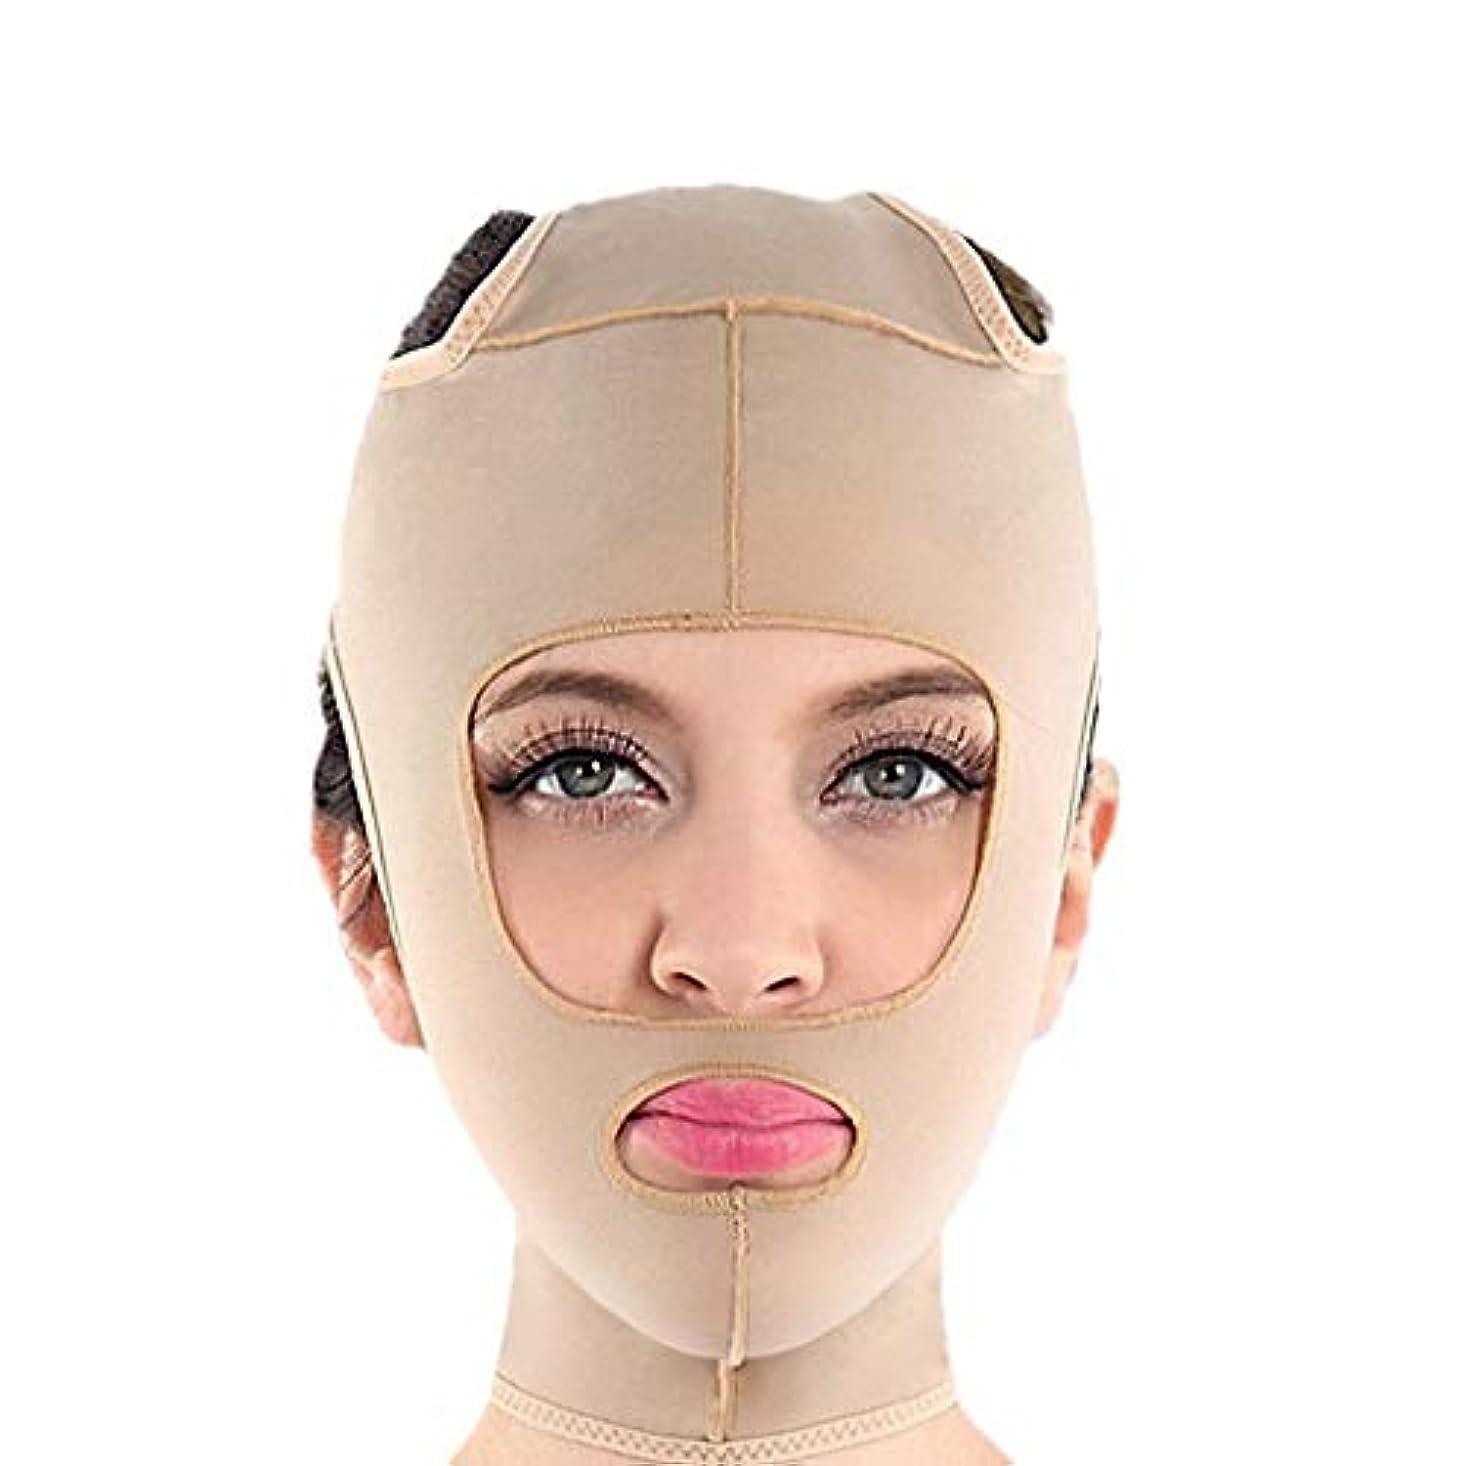 レイア暴力責めフェイスリフティング、ダブルチンストラップ、フェイシャル減量マスク、ダブルチンを減らすリフティングヌードル、ファーミングフェイス、パワフルリフティングマスク(サイズ:M),S